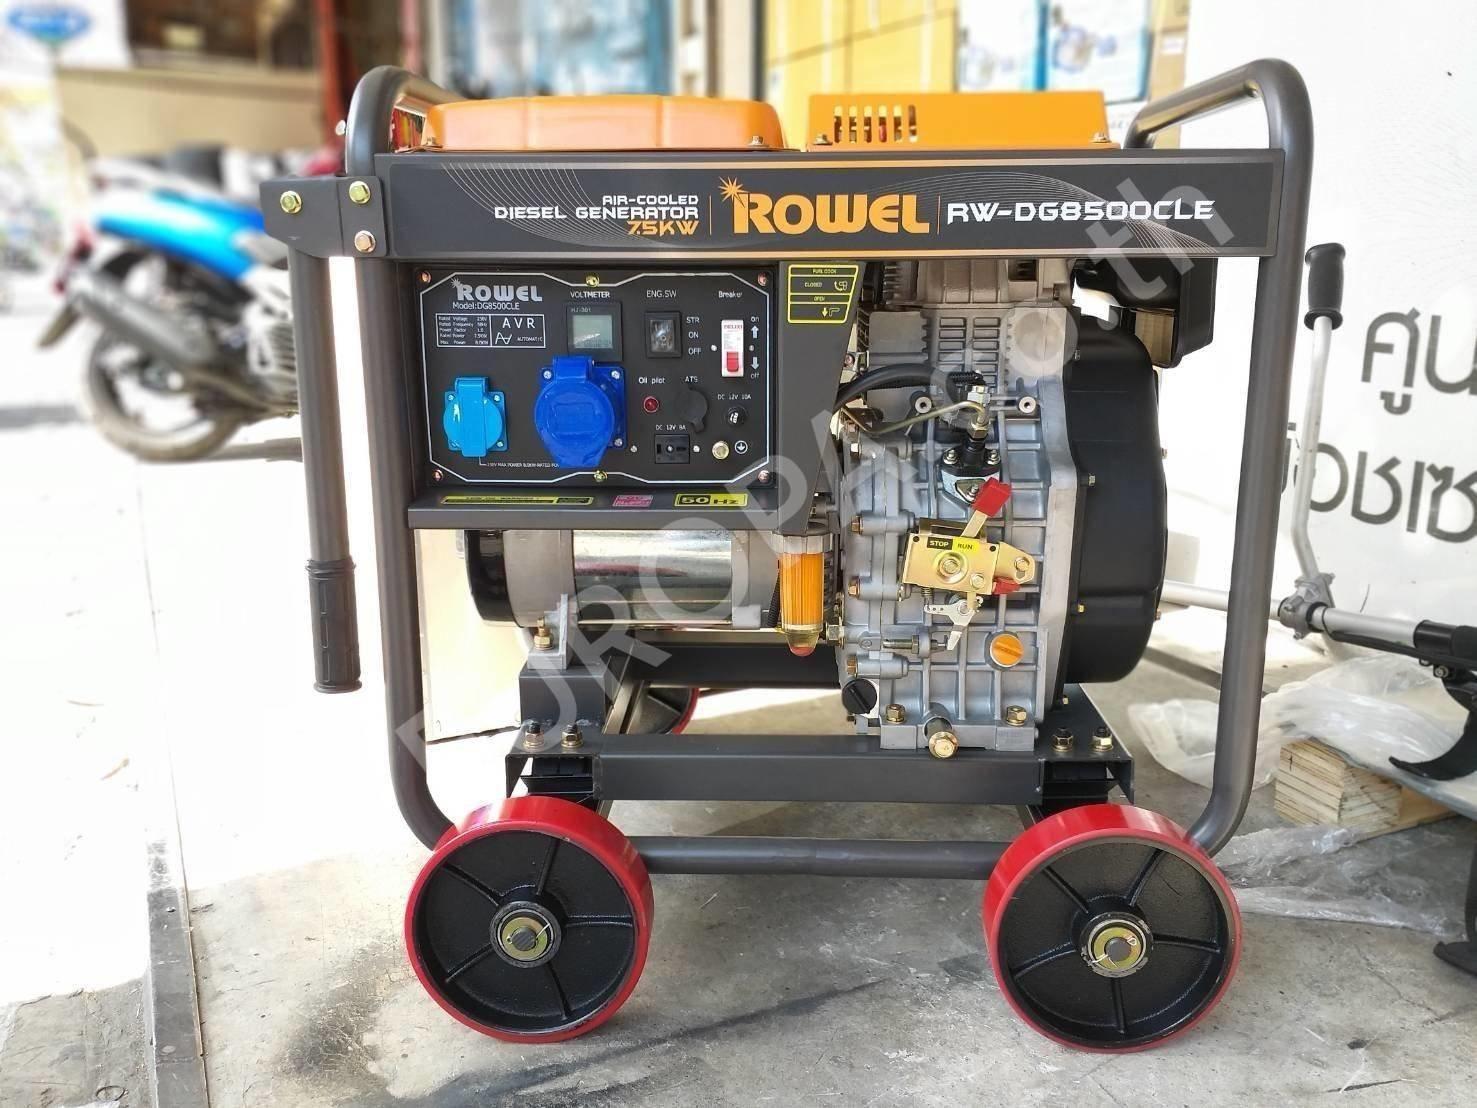 เครื่องปั่นไฟเครื่องยนต์ดีเซล 8.0 Kw. ROWEL รุ่น DG8500CLE